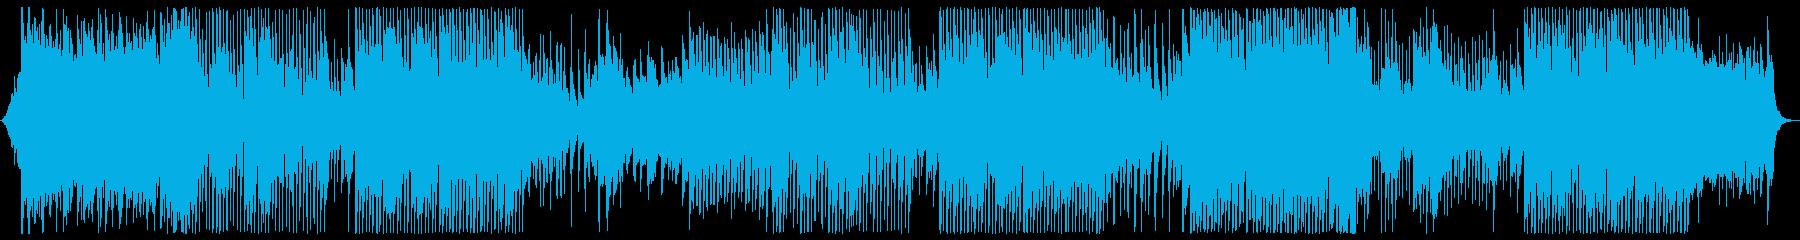 王宮の花火の音楽 POP remixの再生済みの波形